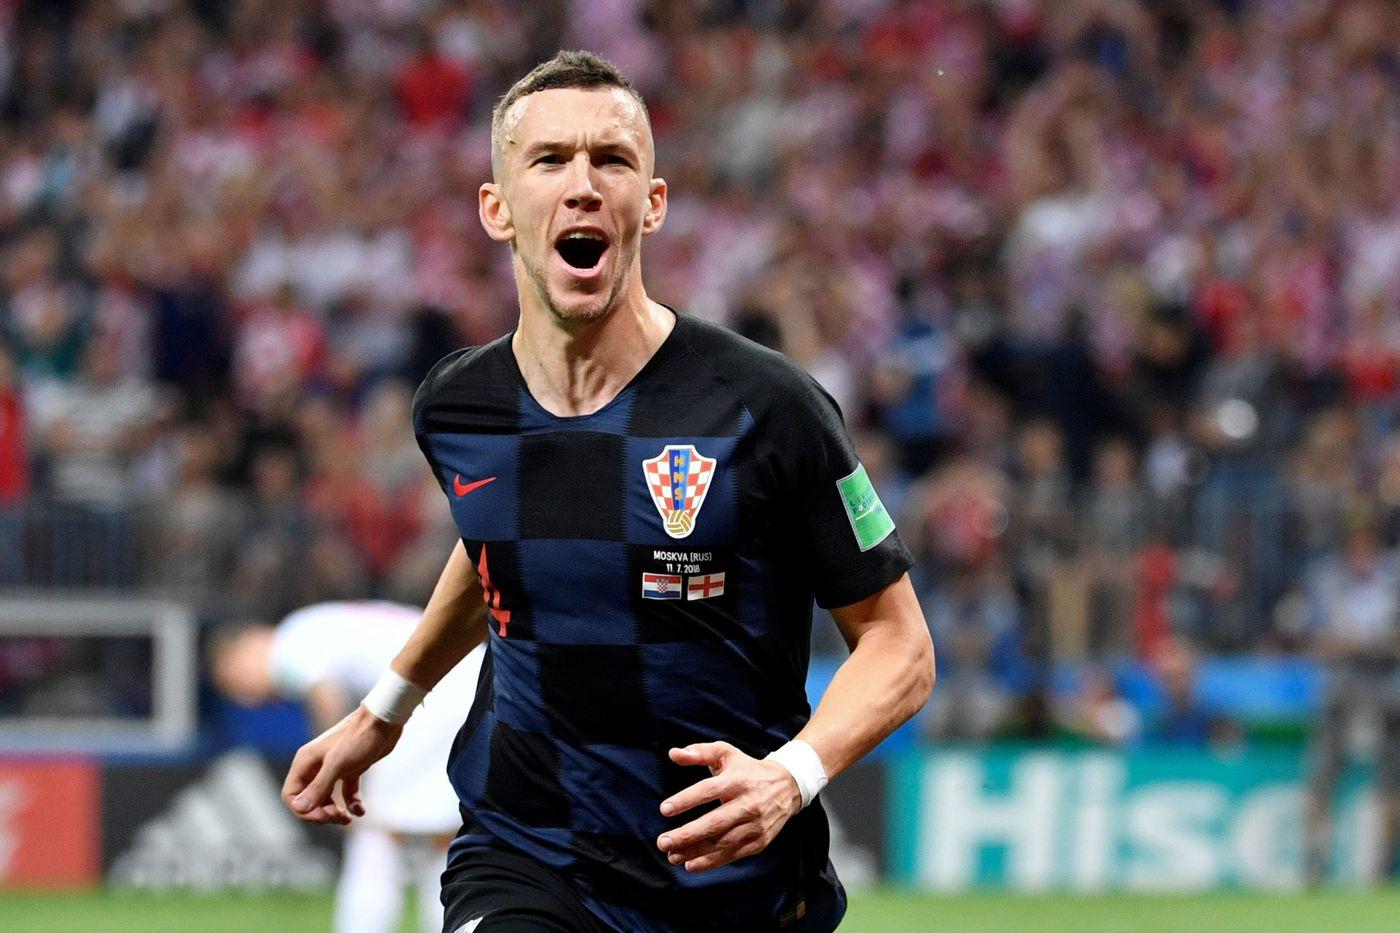 Croazia-Azerbaigian 21 marzo: si gioca per la prima giornata del gruppo E di qualificazione all'Europeo. Croati favoriti.